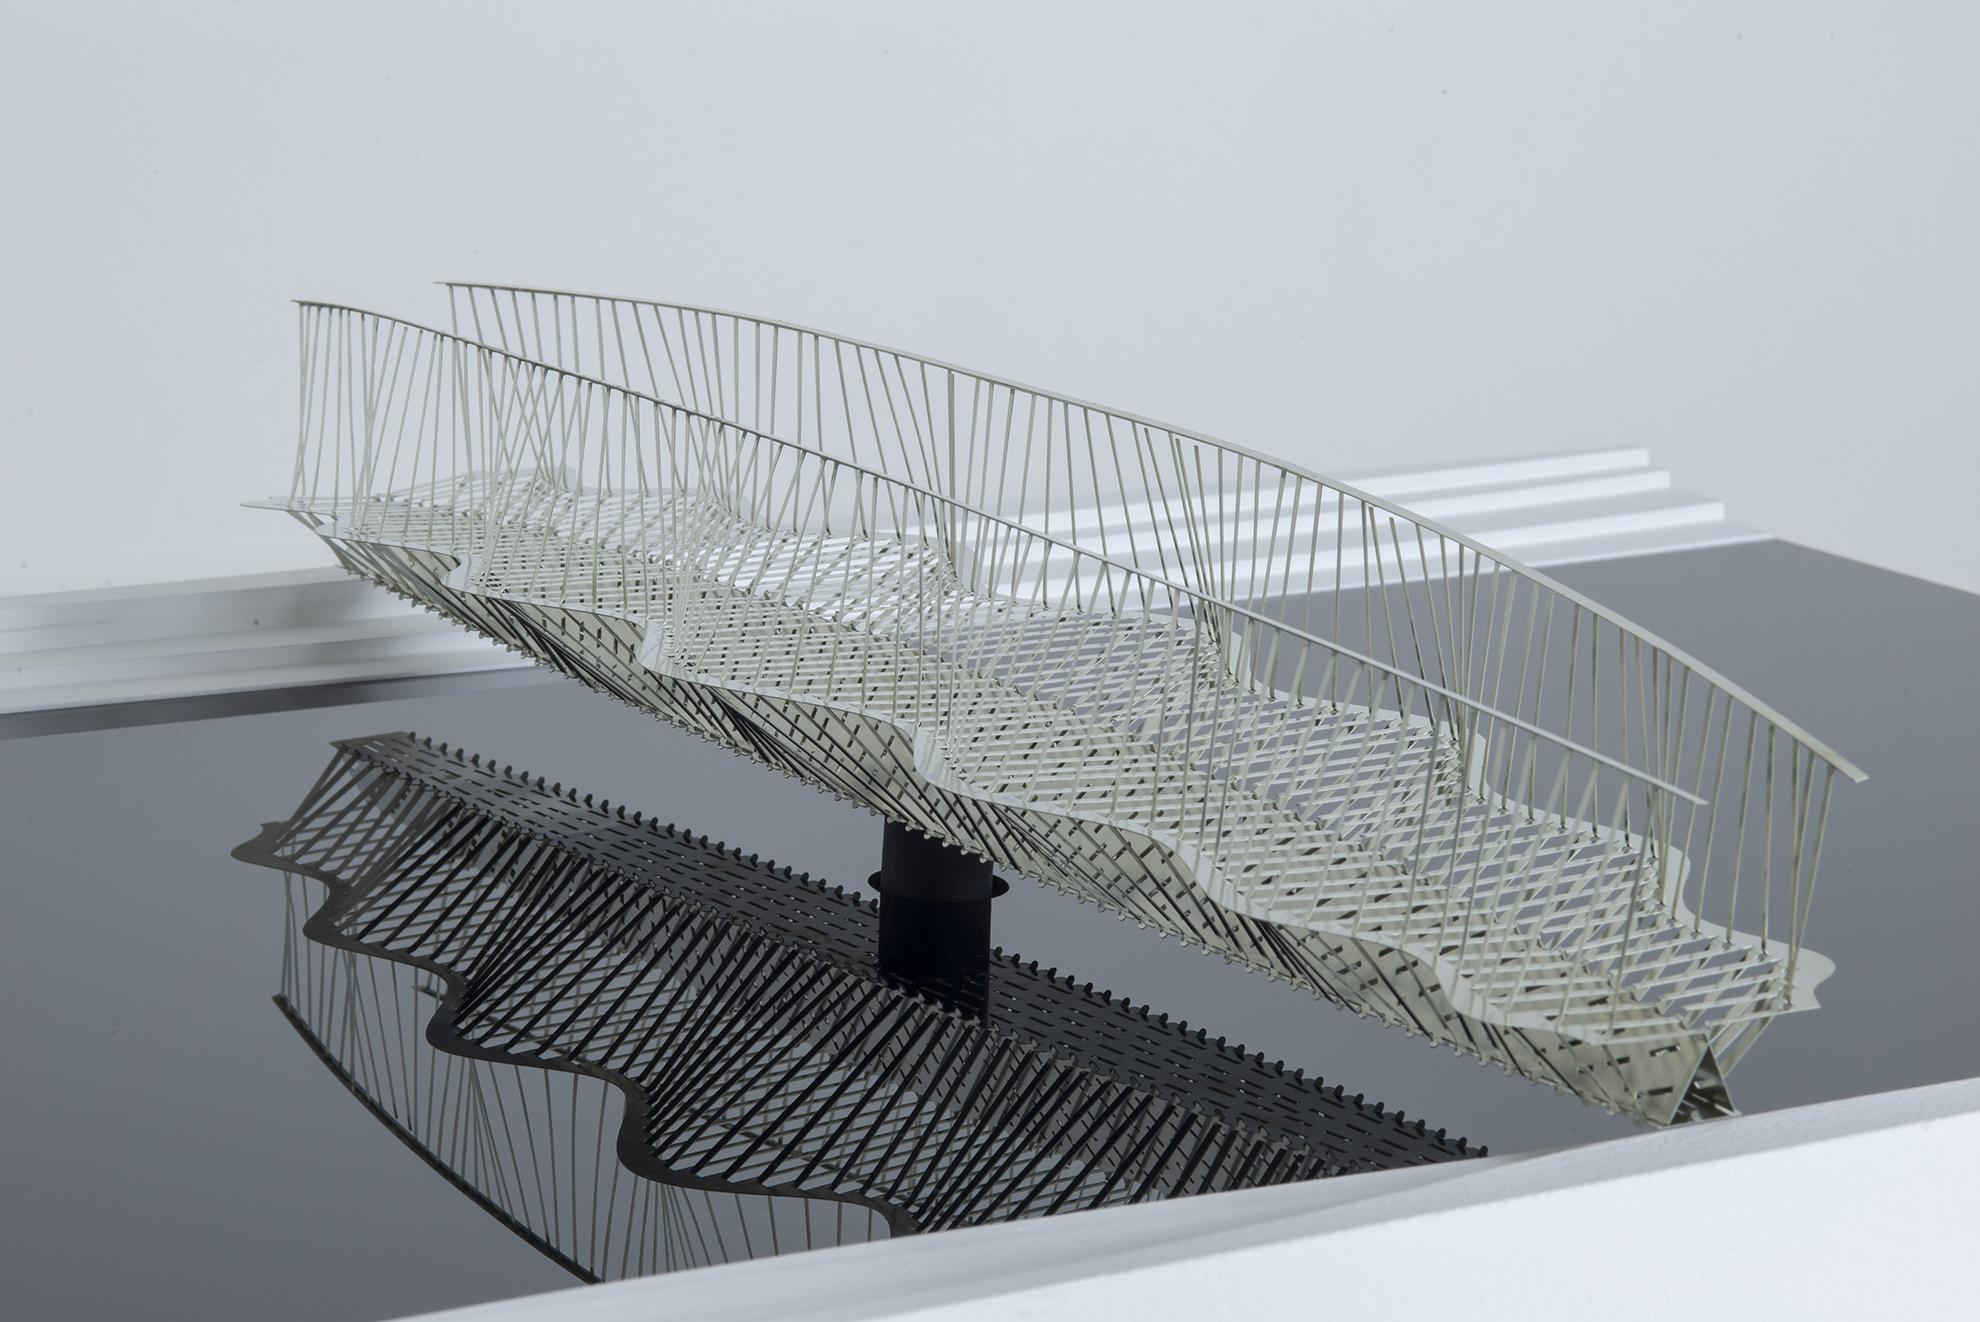 web_dino bridge 05.jpg